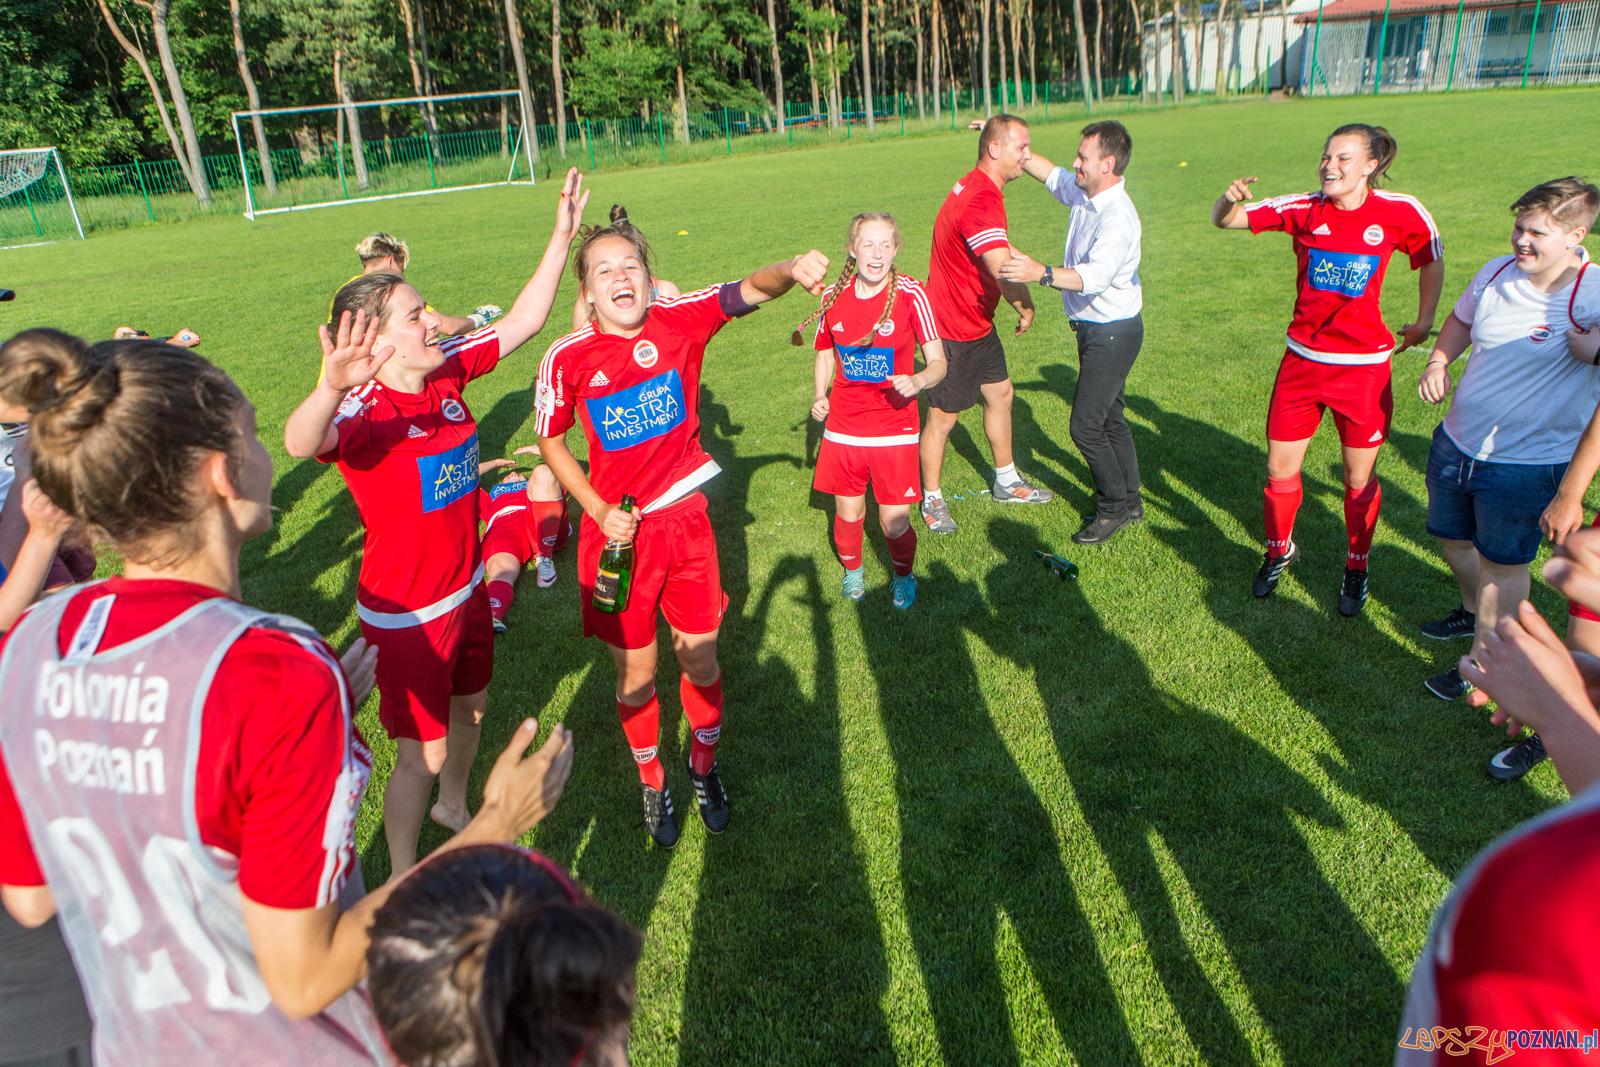 1 liga: Medyk II Poznań - Polonia Poznań 0:1 - Konin 27.05.201  Foto: LepszyPOZNAN.pl / Paweł Rychter